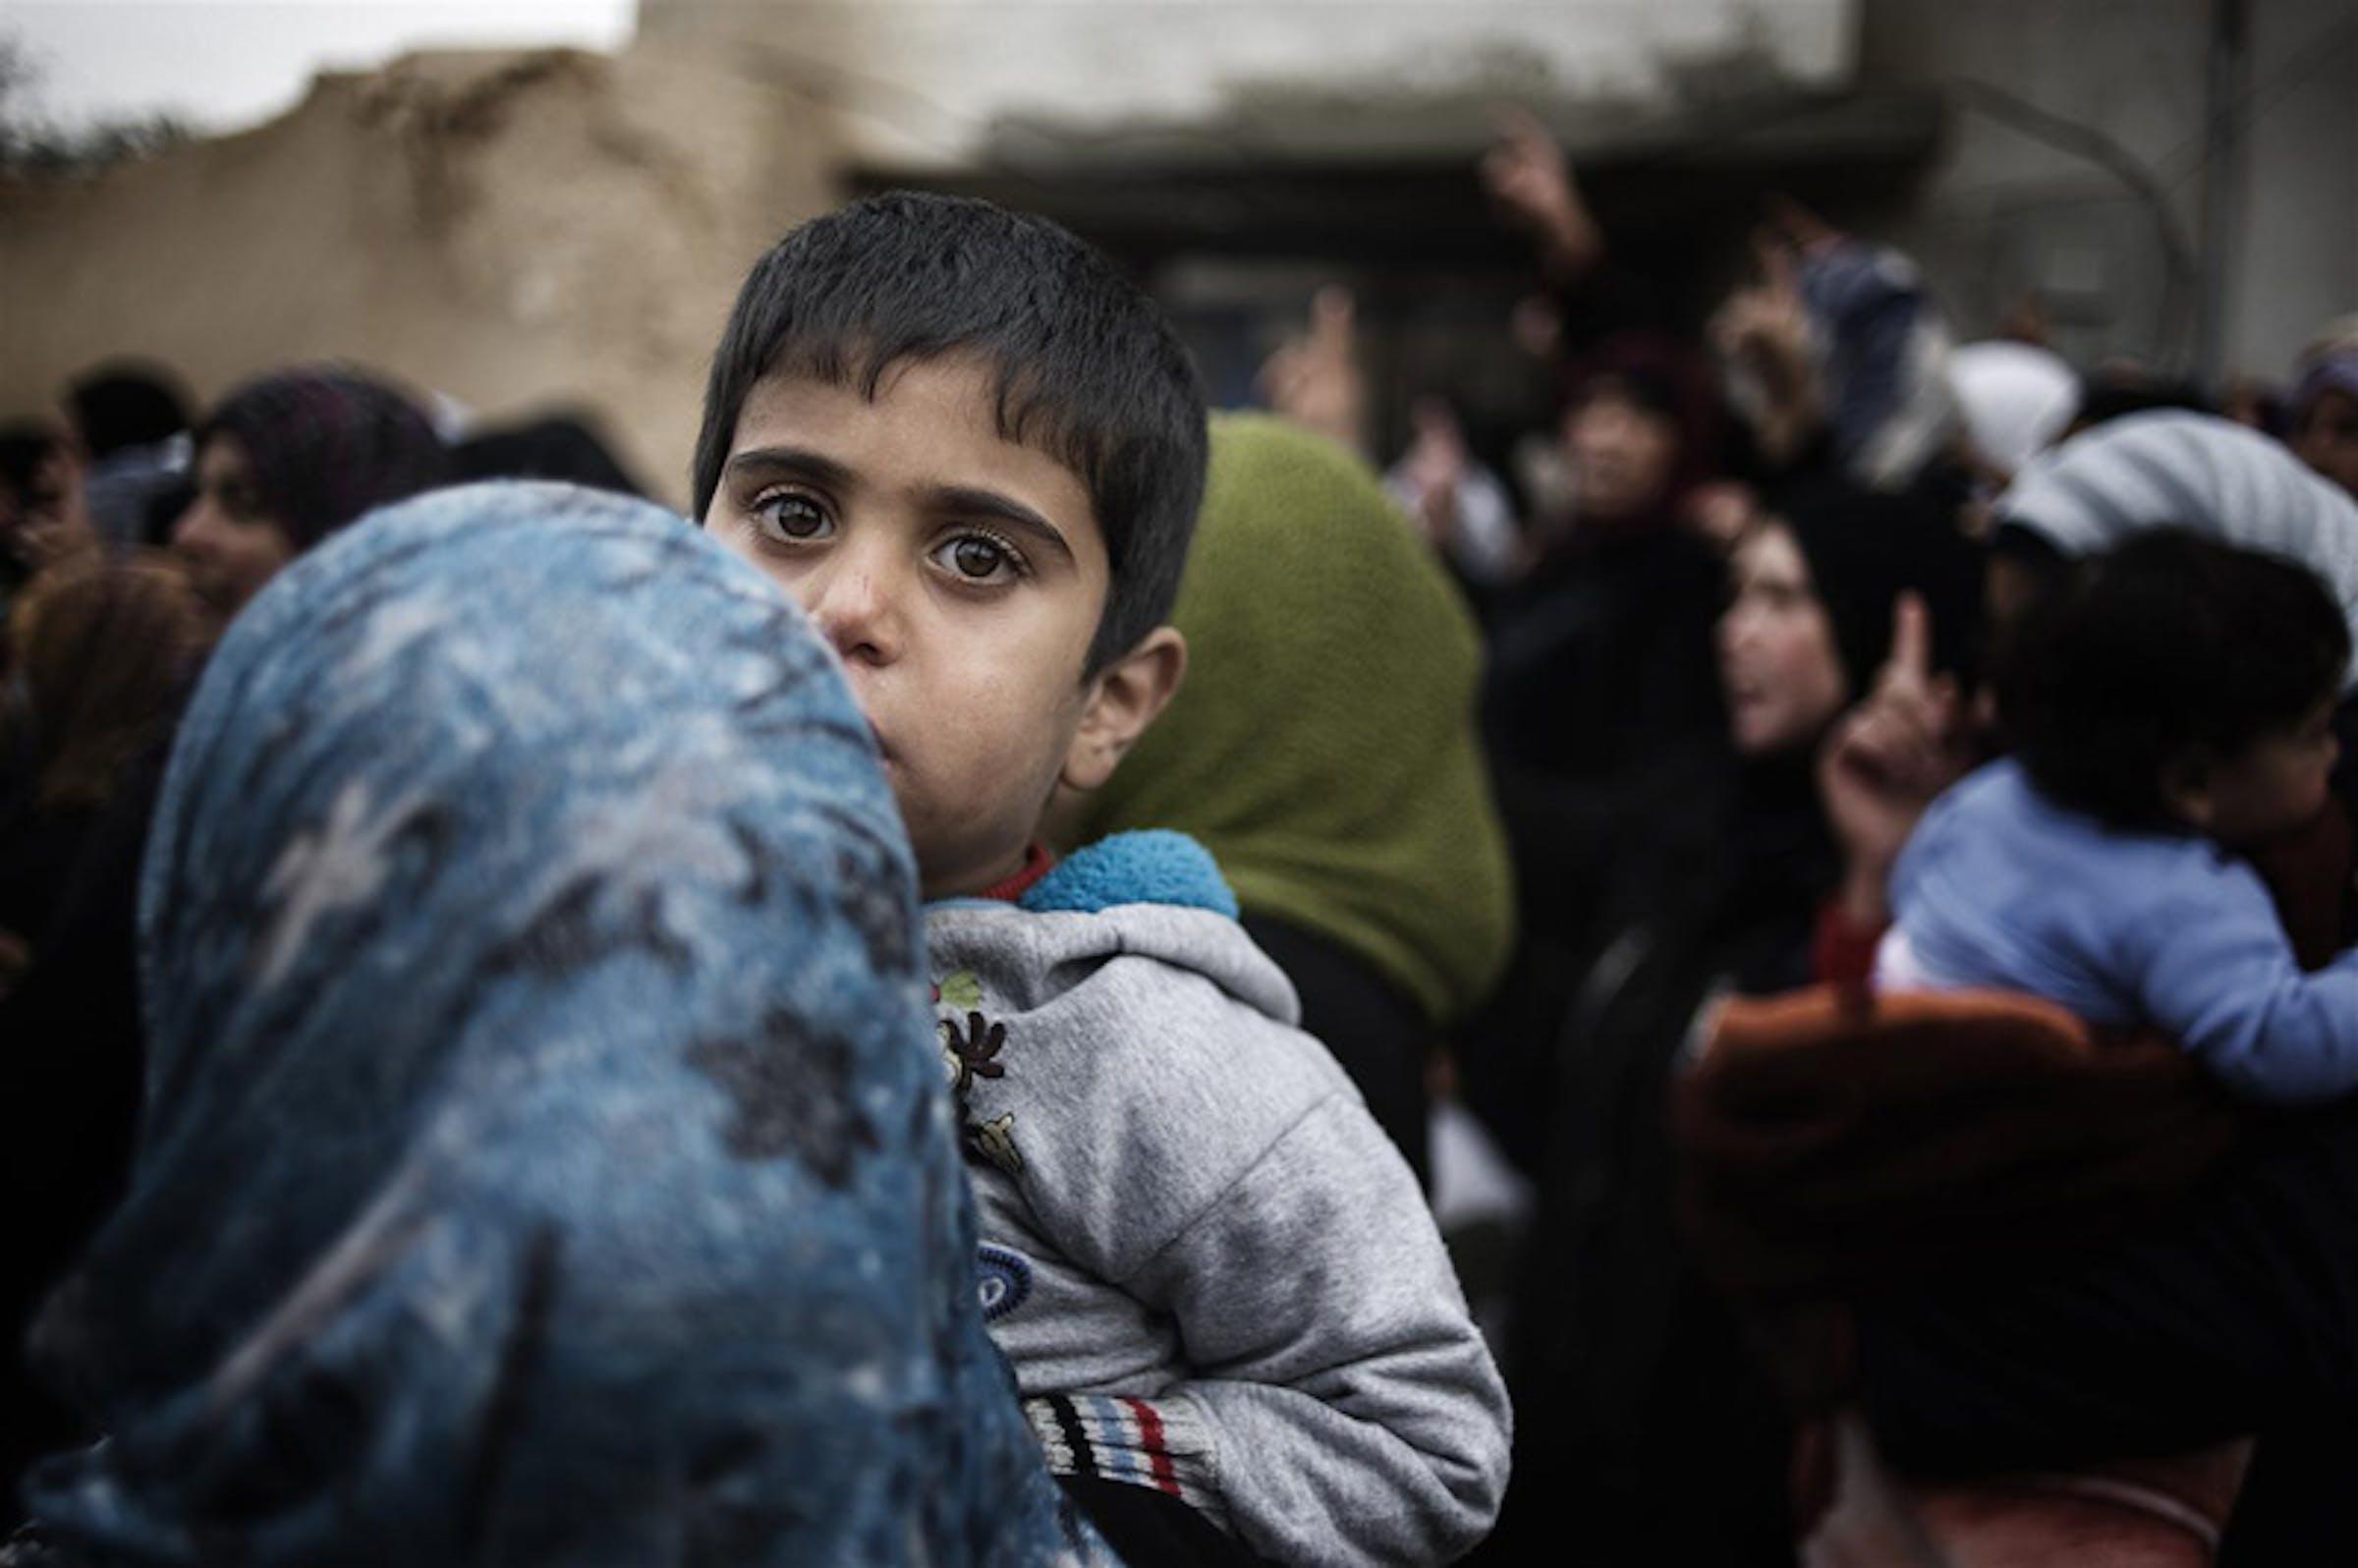 ©UNICEF NYHQ/2012-0206/A.Romenzi - NB: fotografia non riproducibile su siti non UNICEF